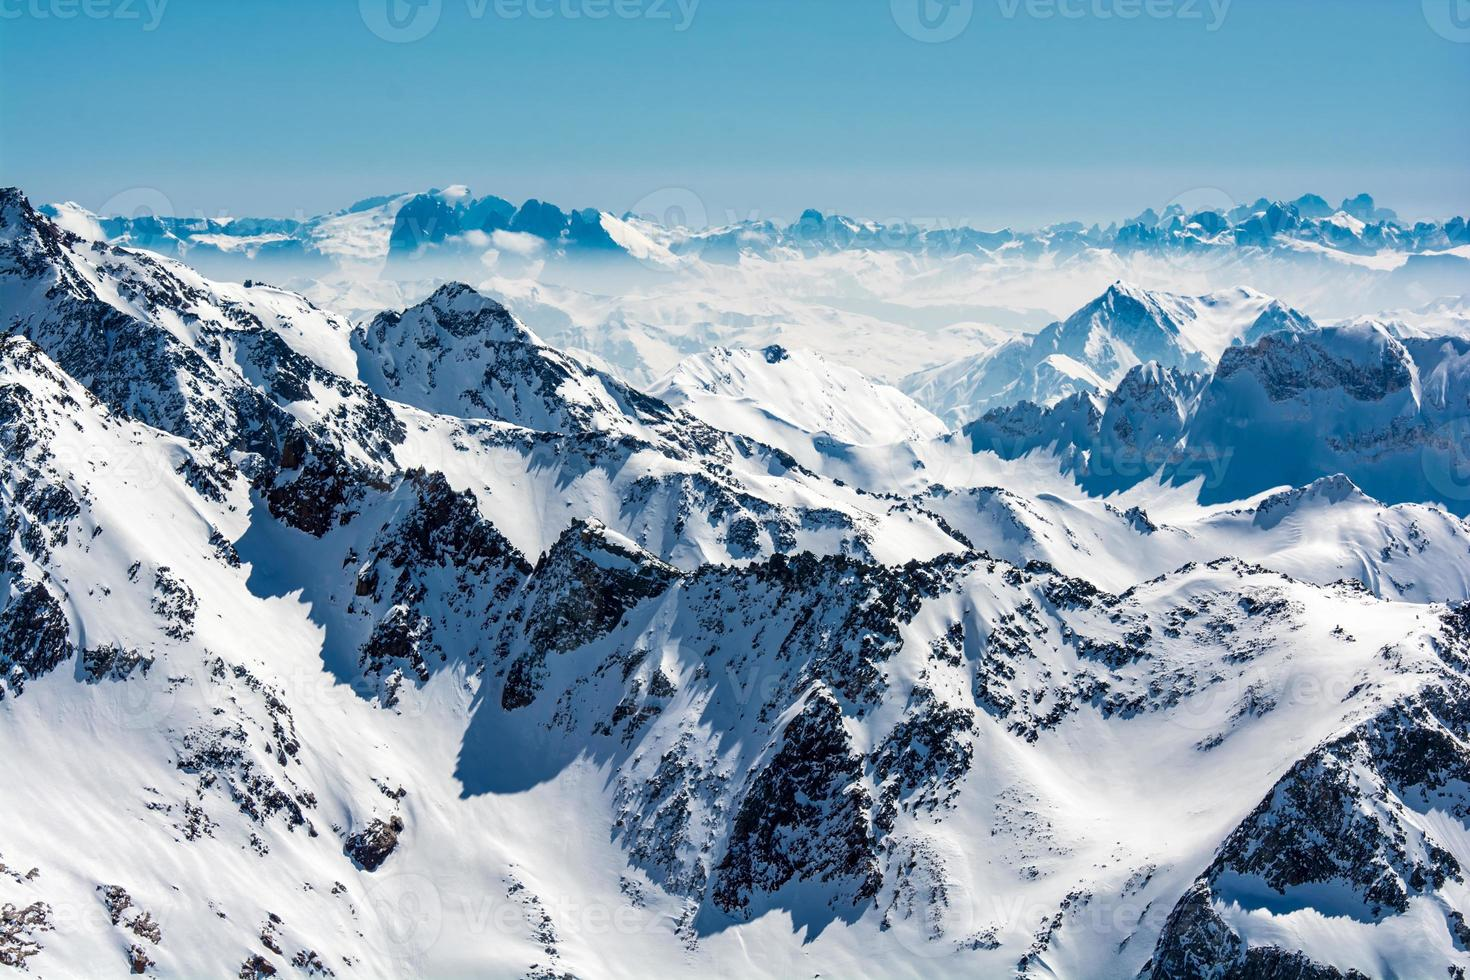 Ski resort of Neustift Stubai glacier Austria photo